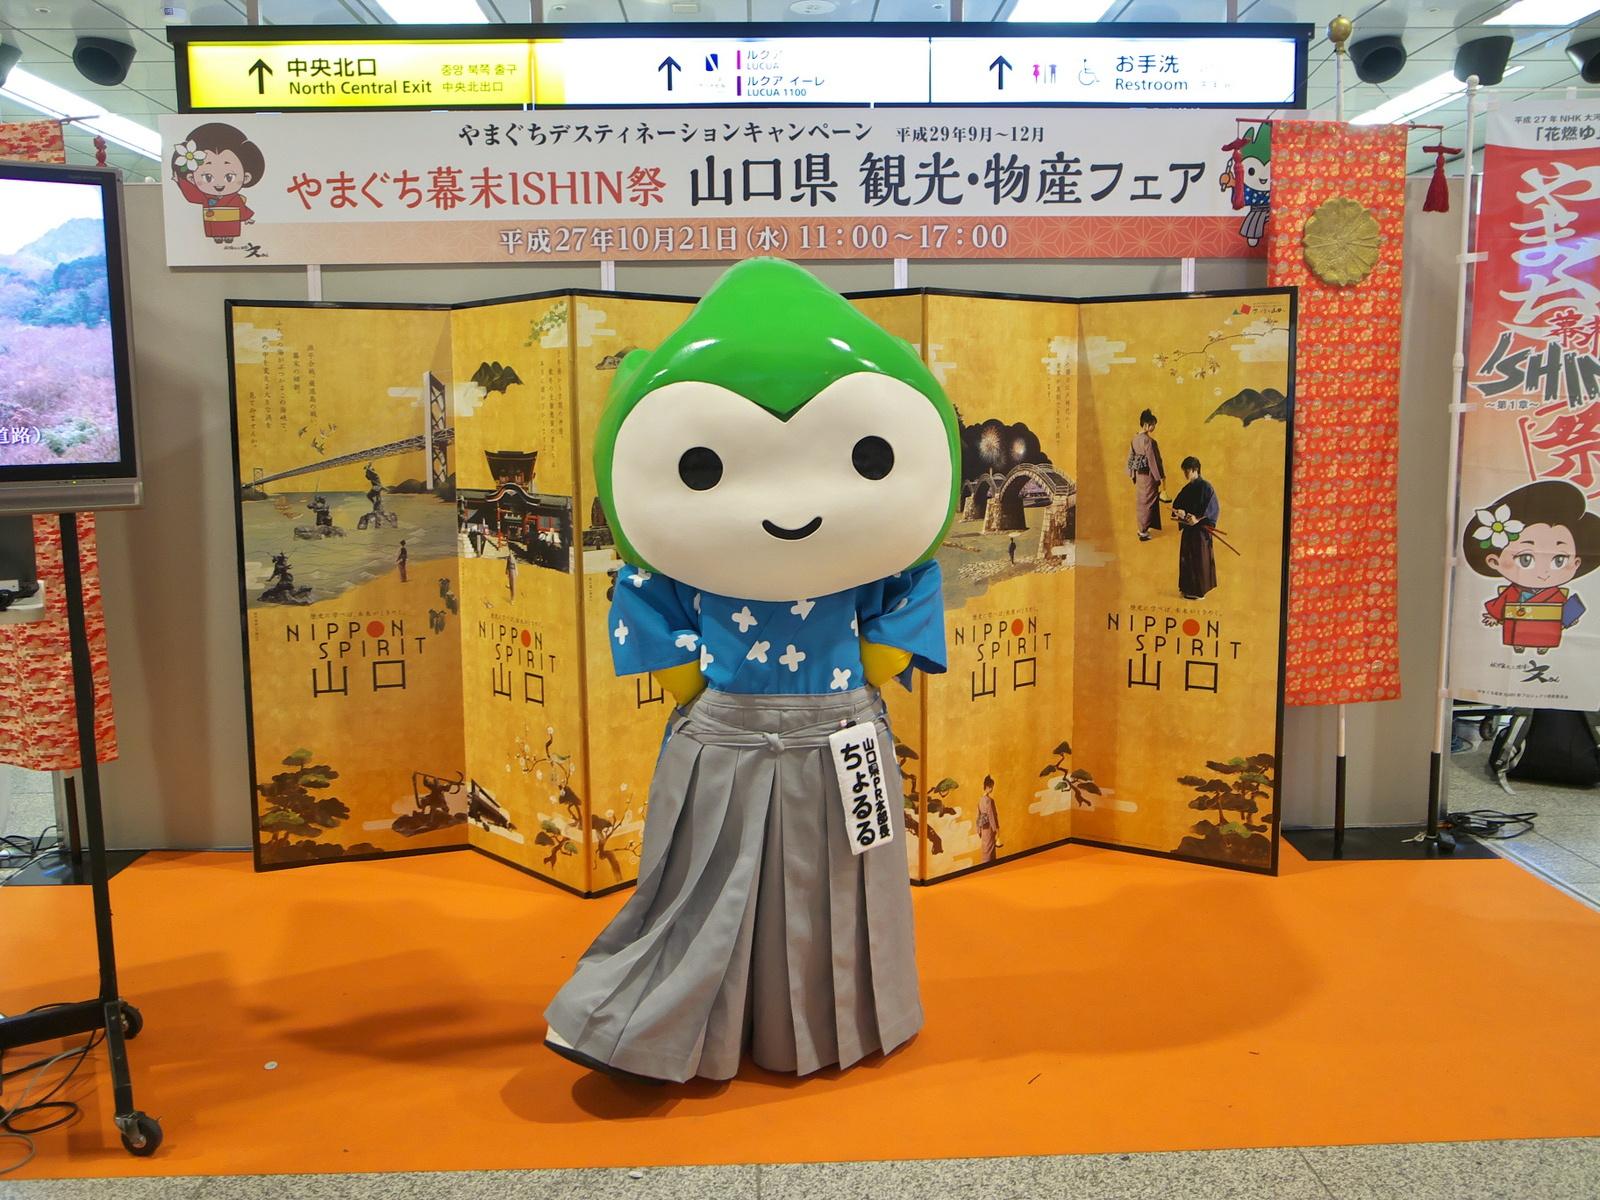 大阪でやまぐちの観光と魅力をぶち紹介してきたよ!